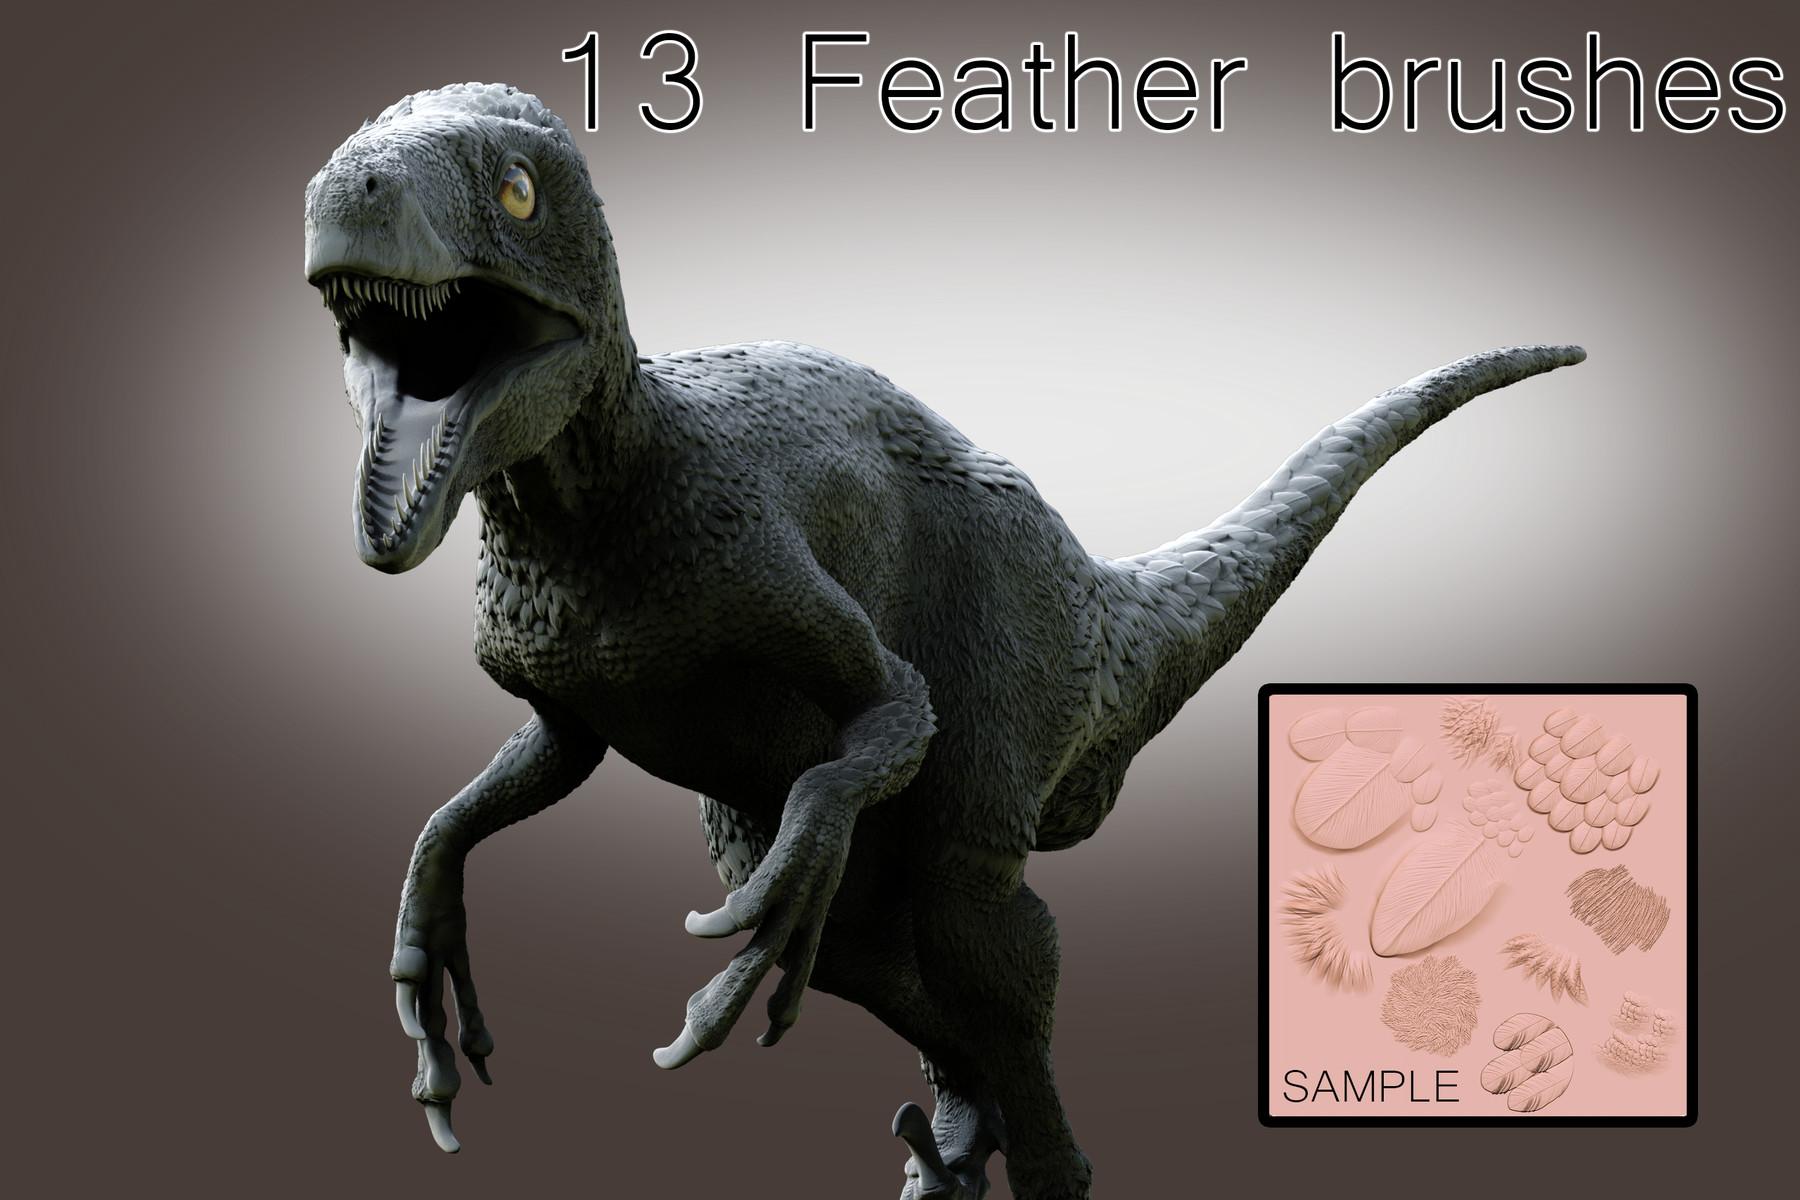 A feathery dinosaur